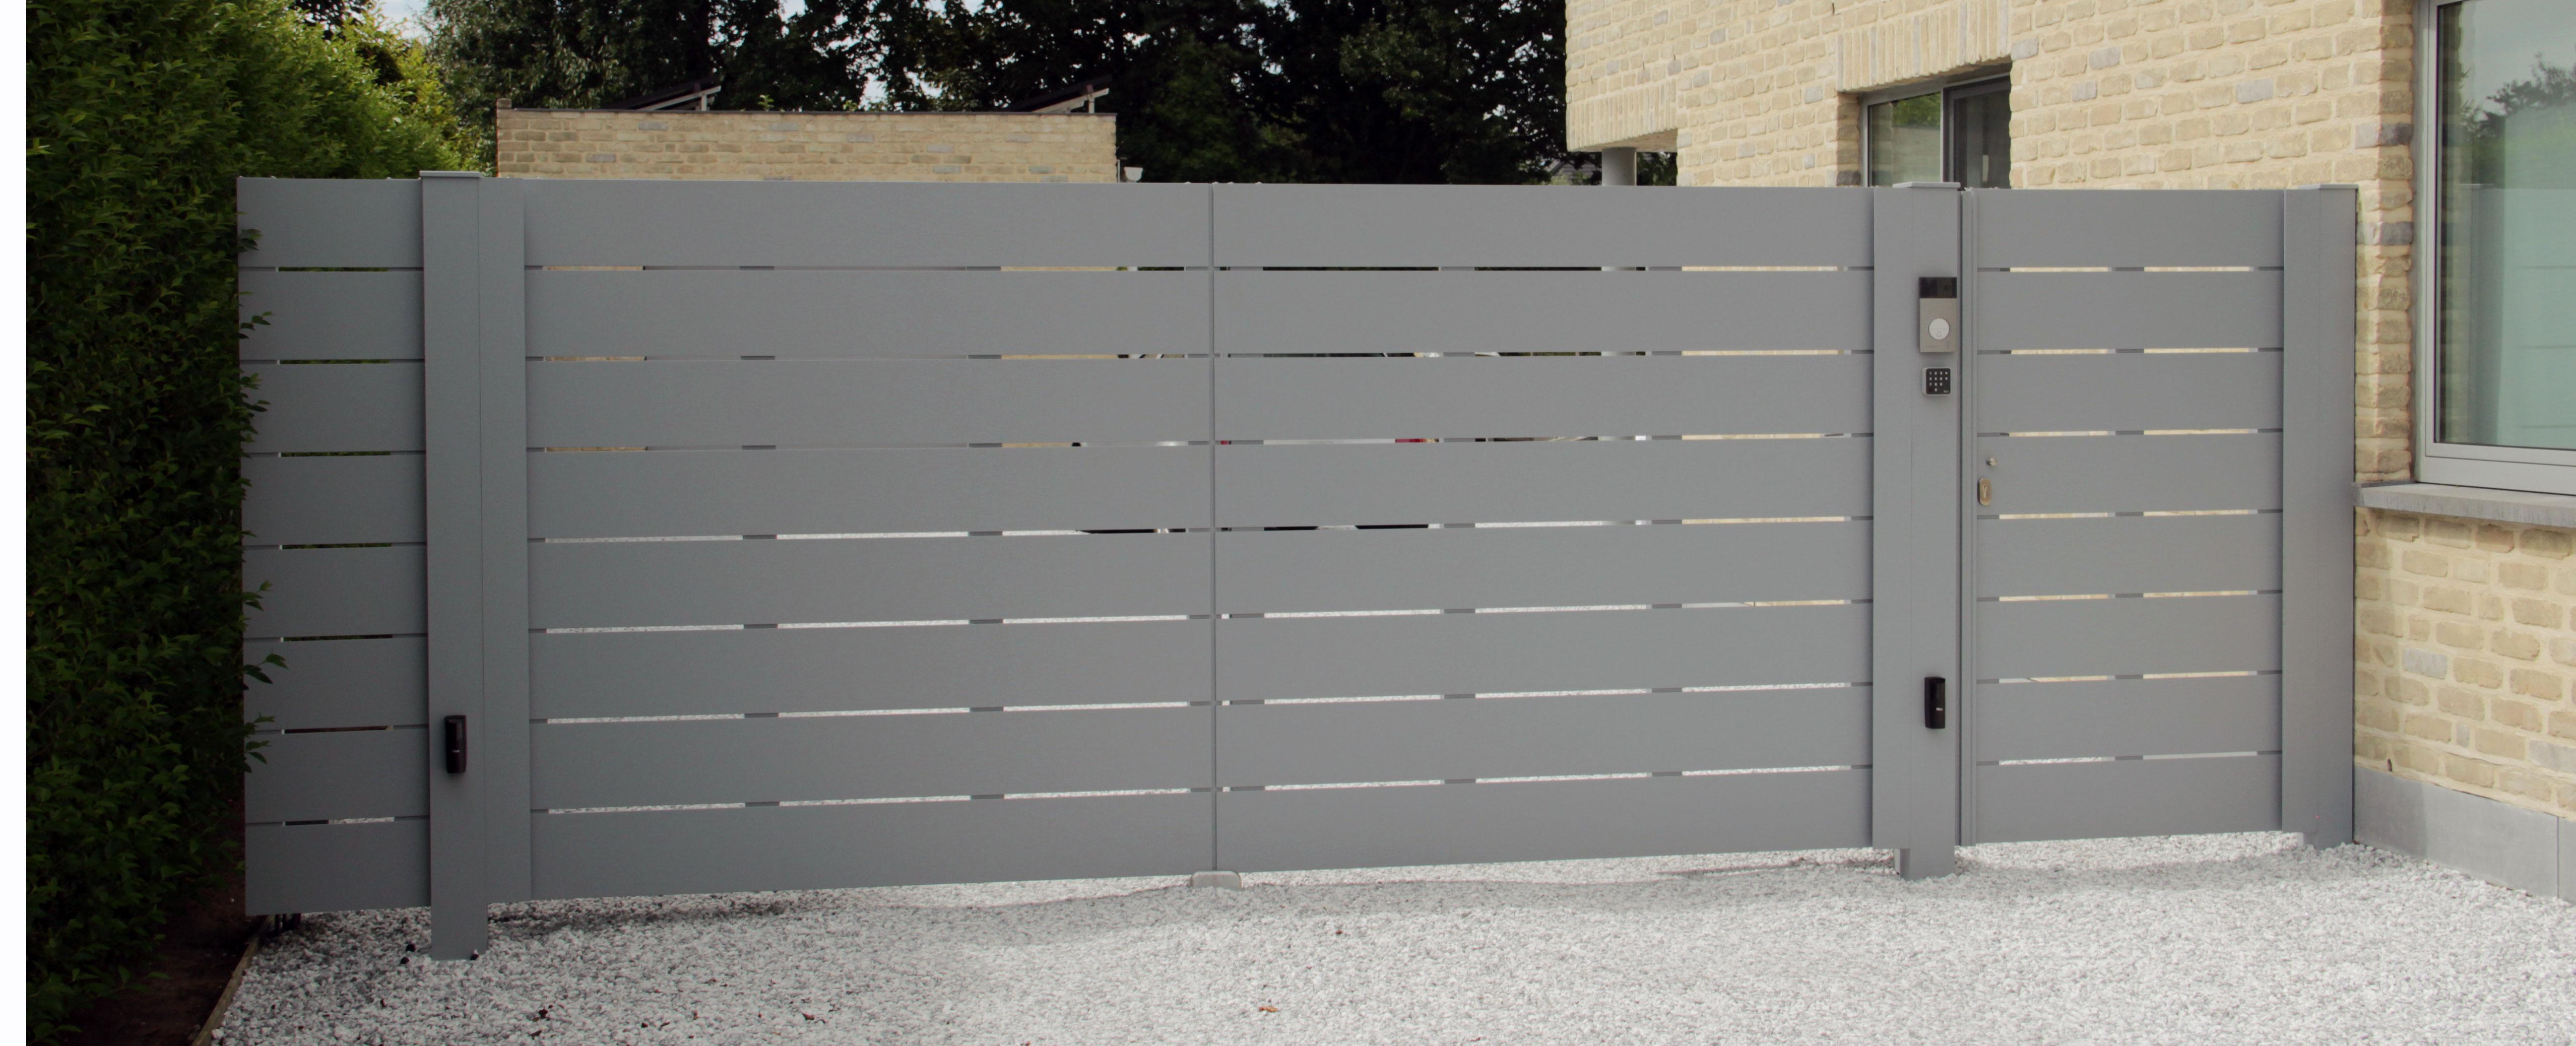 sliderfoto - Aluminium poorten: draai-, tuin- en schuifpoorten